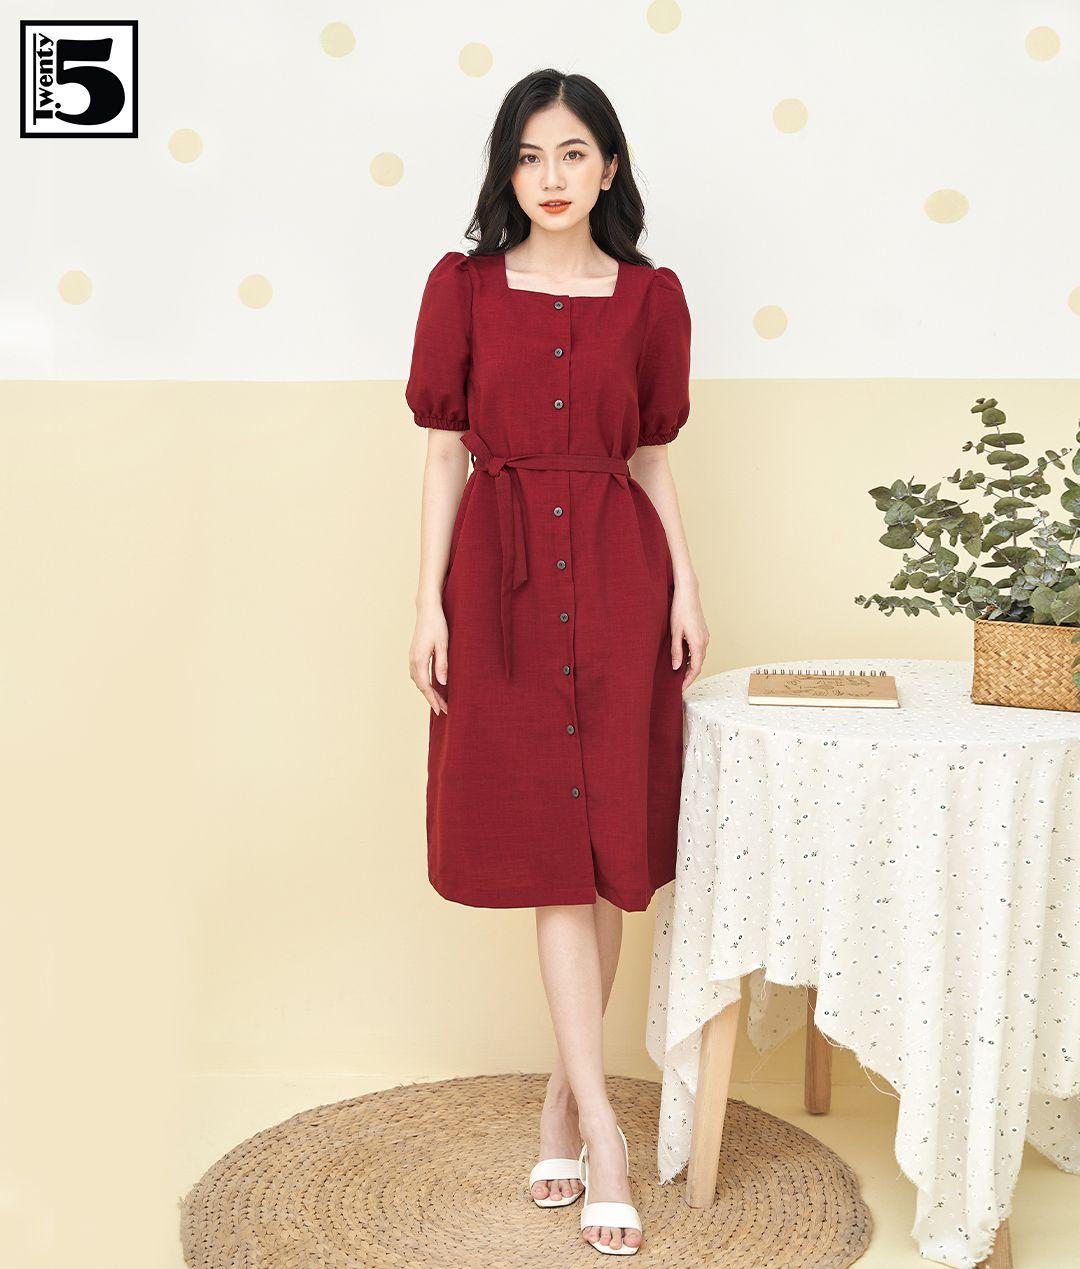 Hà Hồ - Lương Thùy Linh đụng váy Zara màu đỏ chứng minh hè này chị em nhất định nên sắm một chiếc - Ảnh 4.